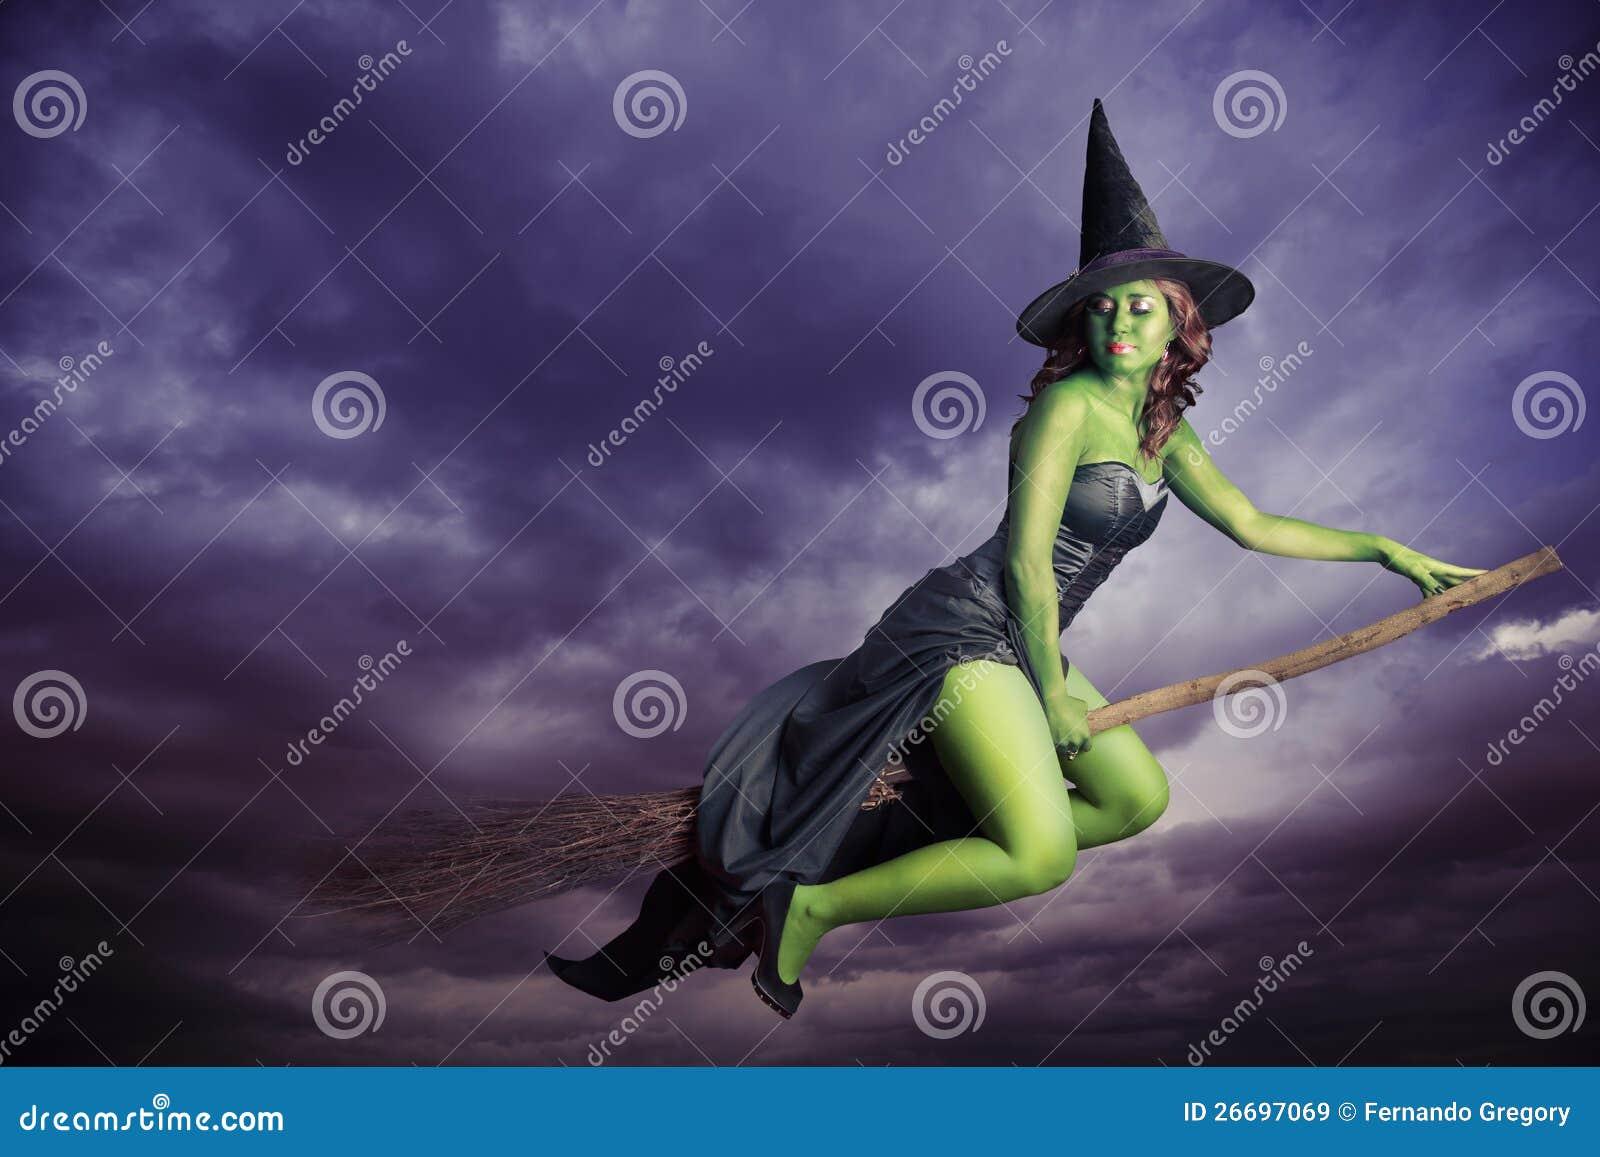 Heks Op Bezem Storm.De Heks Die Van Halloween Op Bezemsteel Vliegt Stock